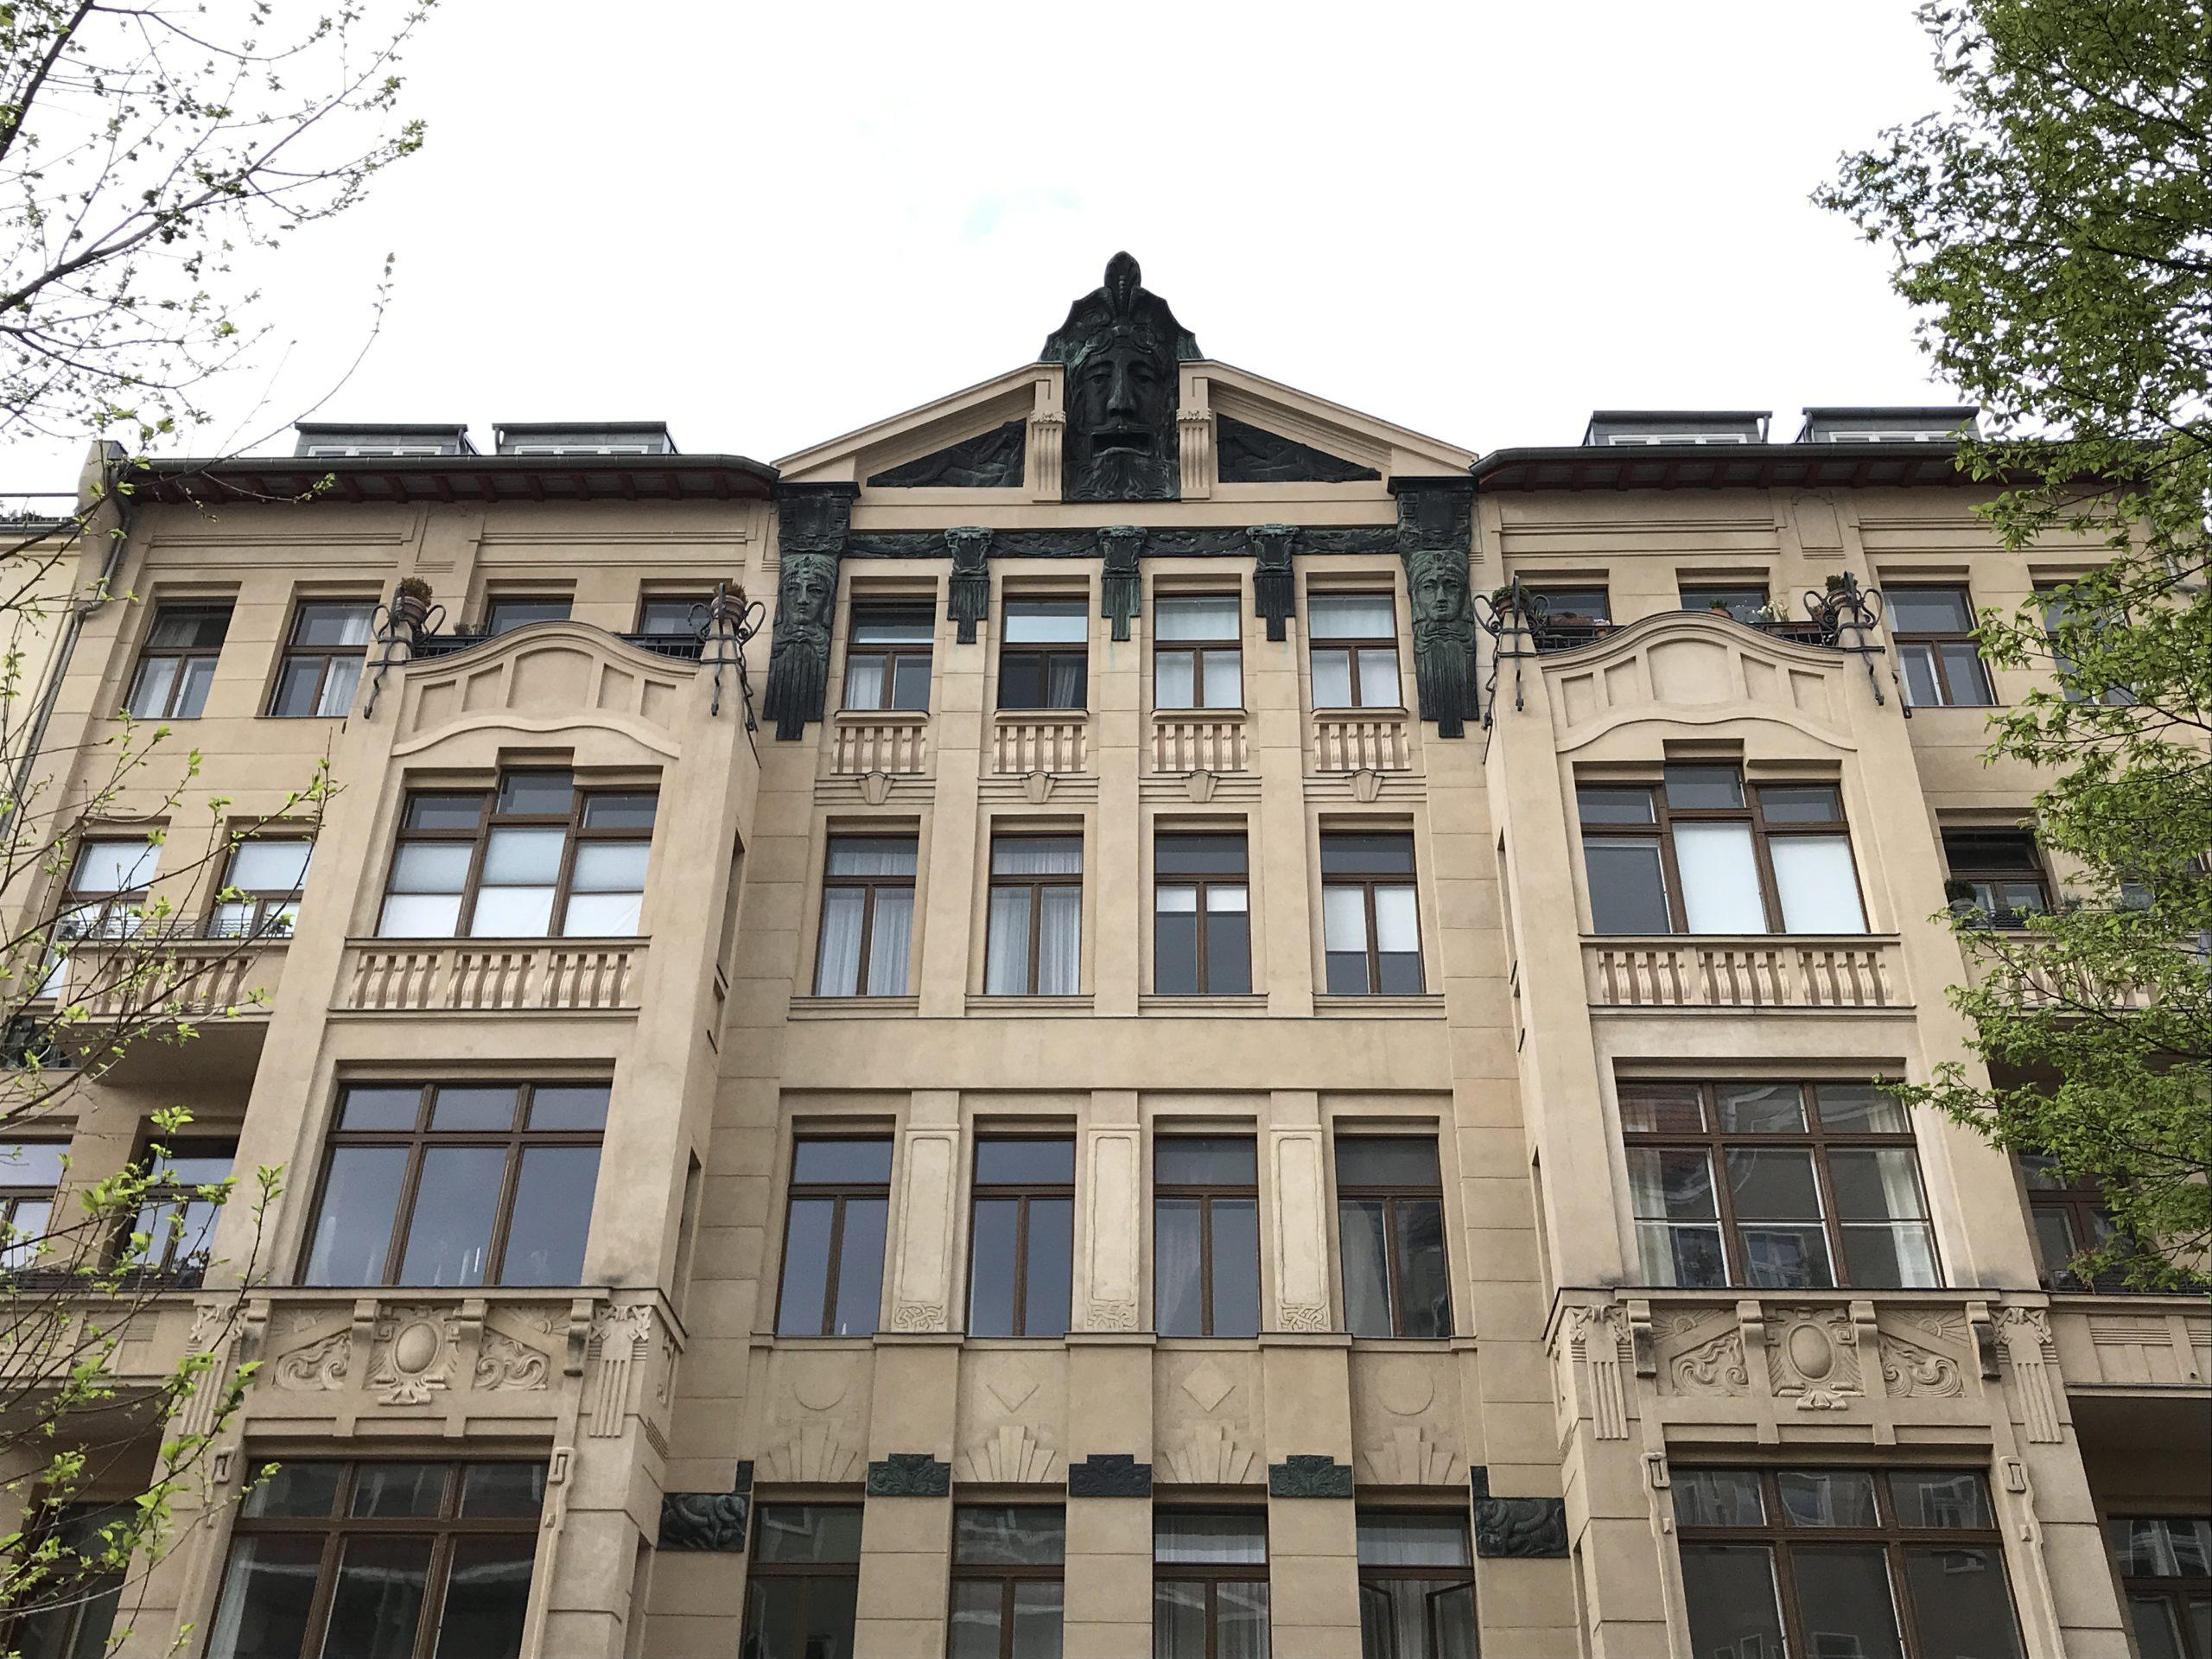 Jugendstil in Berlin: Von oben blickt ein Faun herab. Foto: tipBerlin